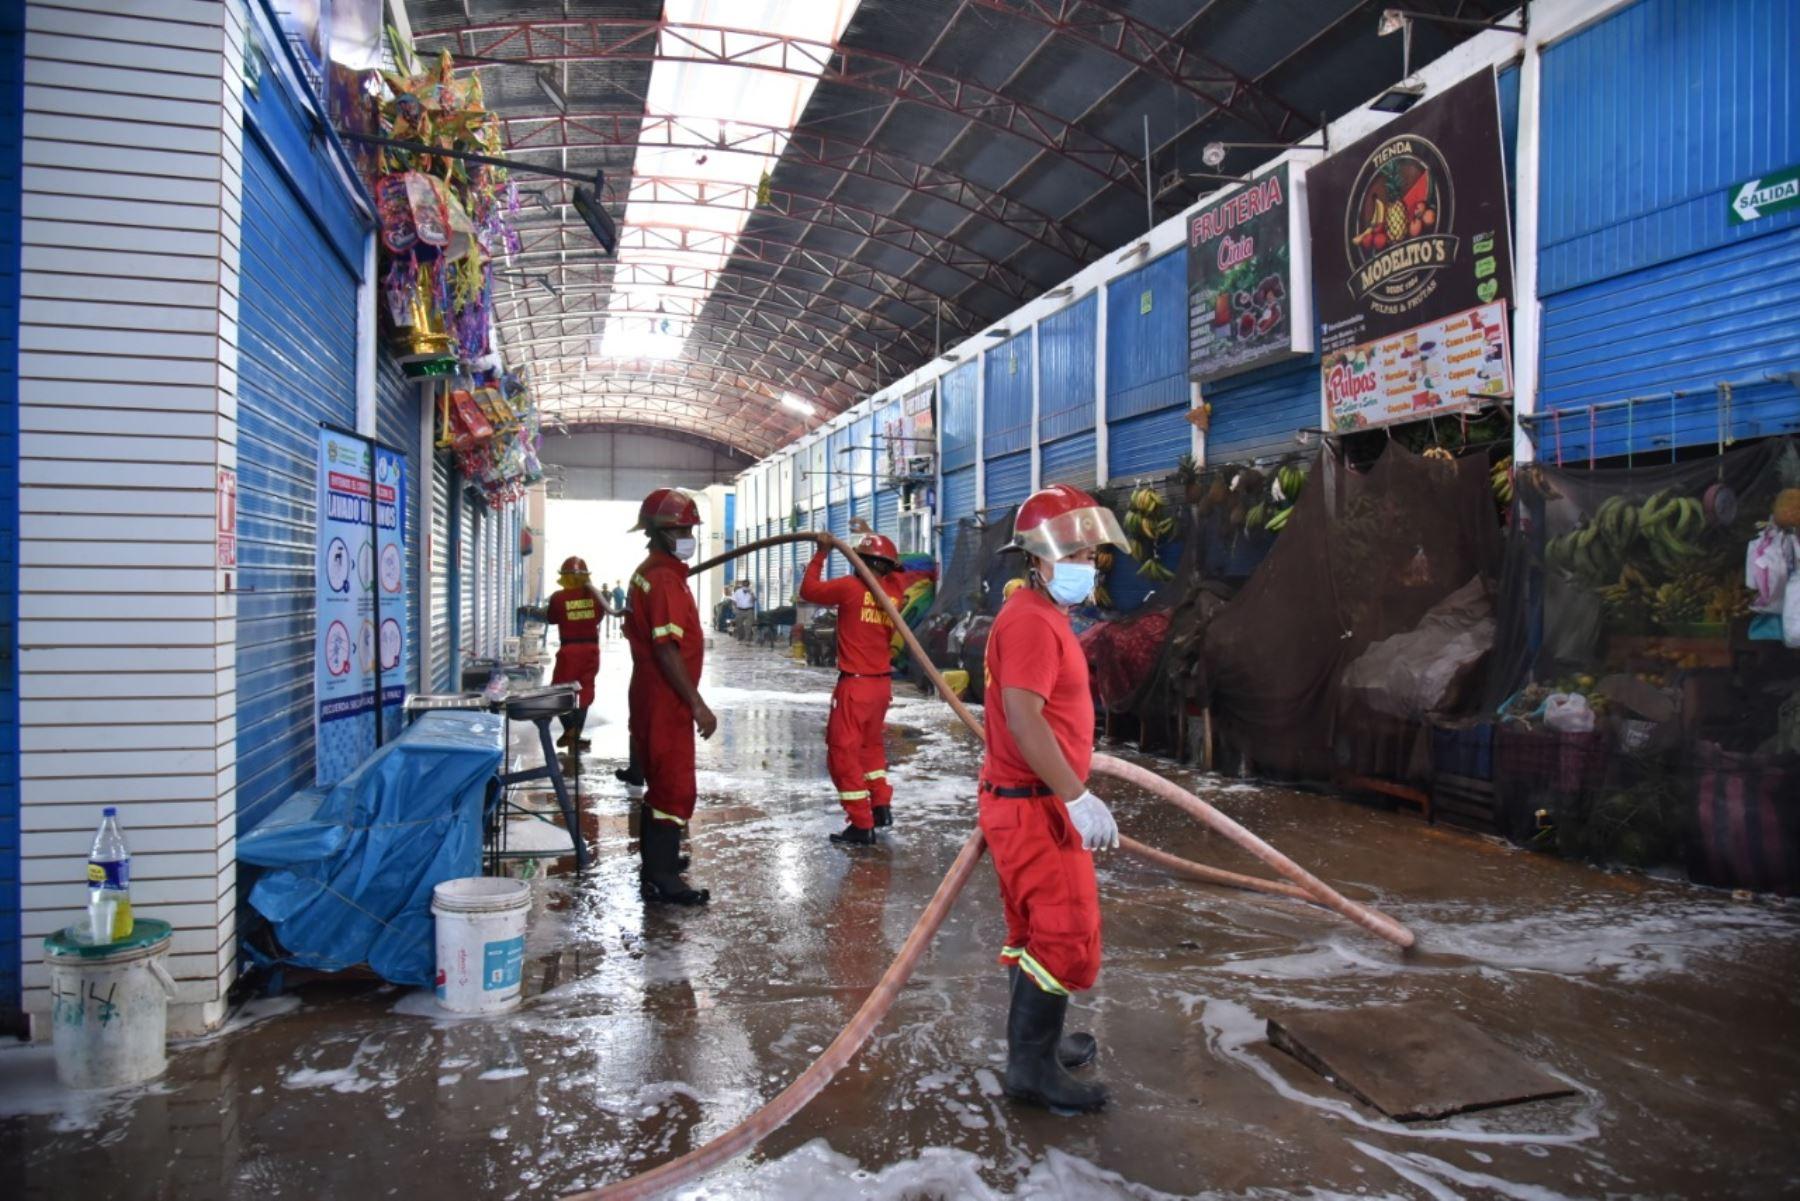 Esta iniciativa de limpieza forma parte de una serie de medidas adoptadas para evitar la expansión de la pandemia del coronavirus. Foto: Difusión